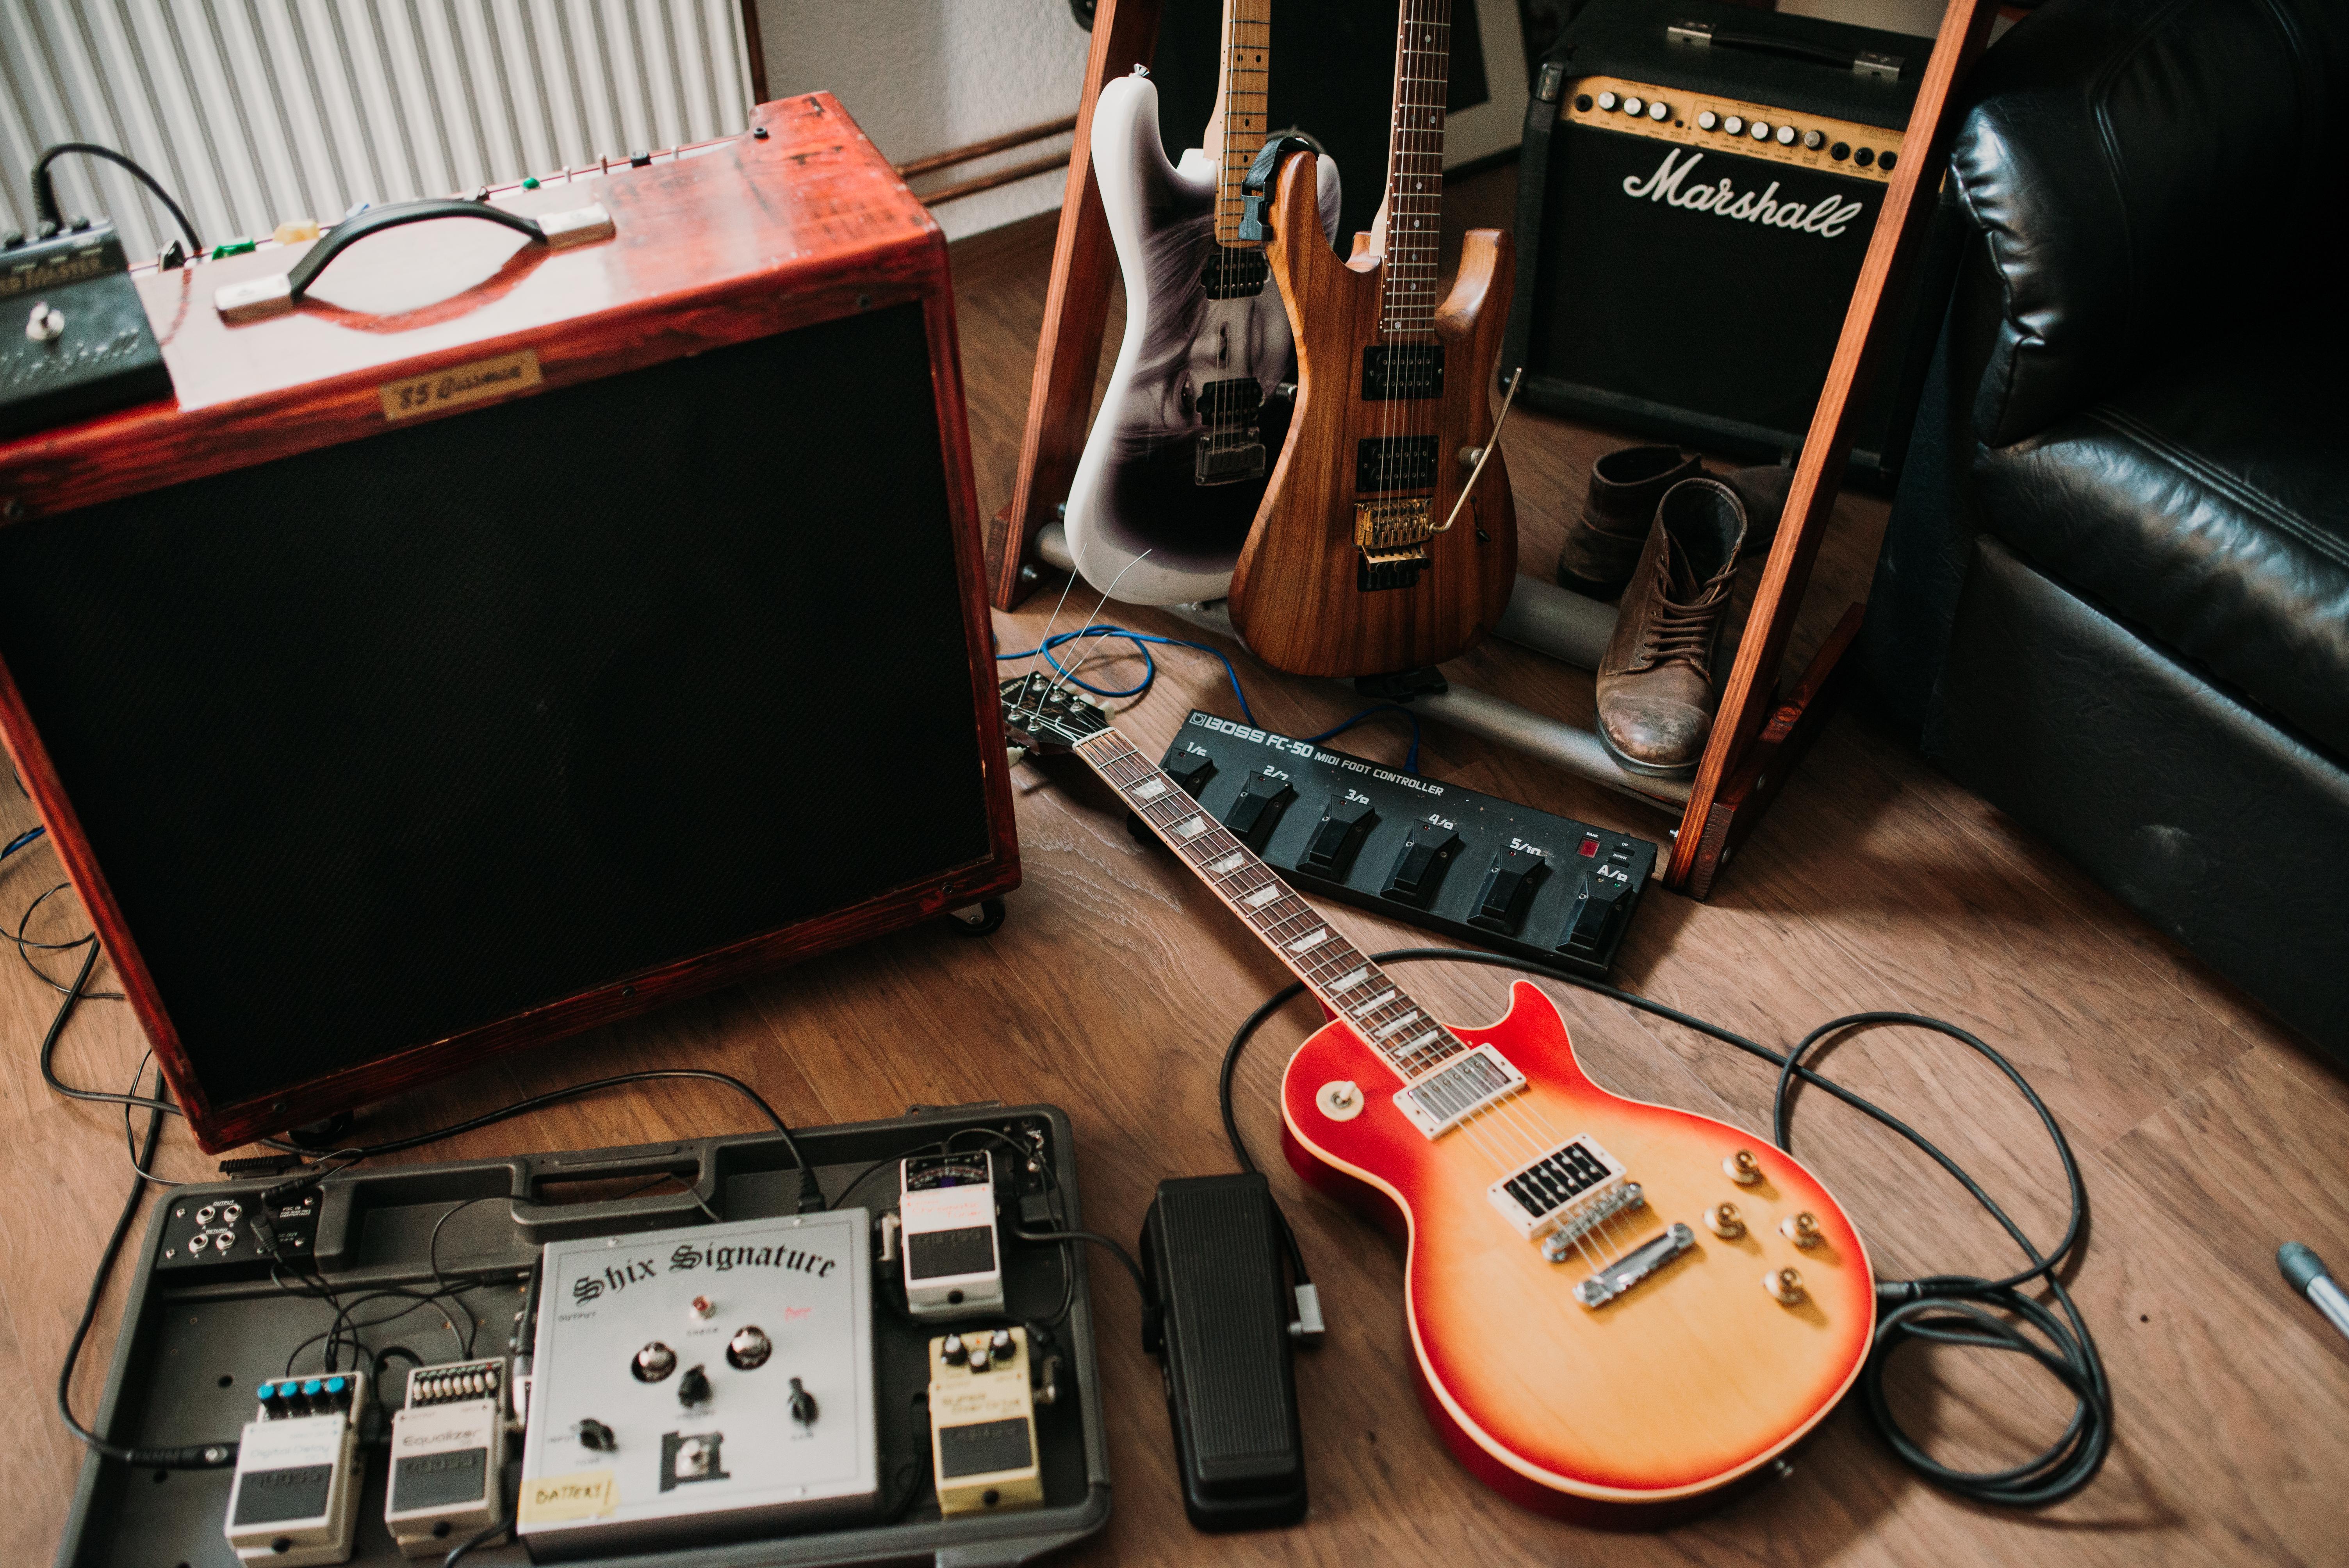 125261 Protetores de tela e papéis de parede Música em seu telefone. Baixe Música, Guitarras Elétricas, Guitarra, Instrumentos Musicais, Equipamento, Guitarras fotos gratuitamente